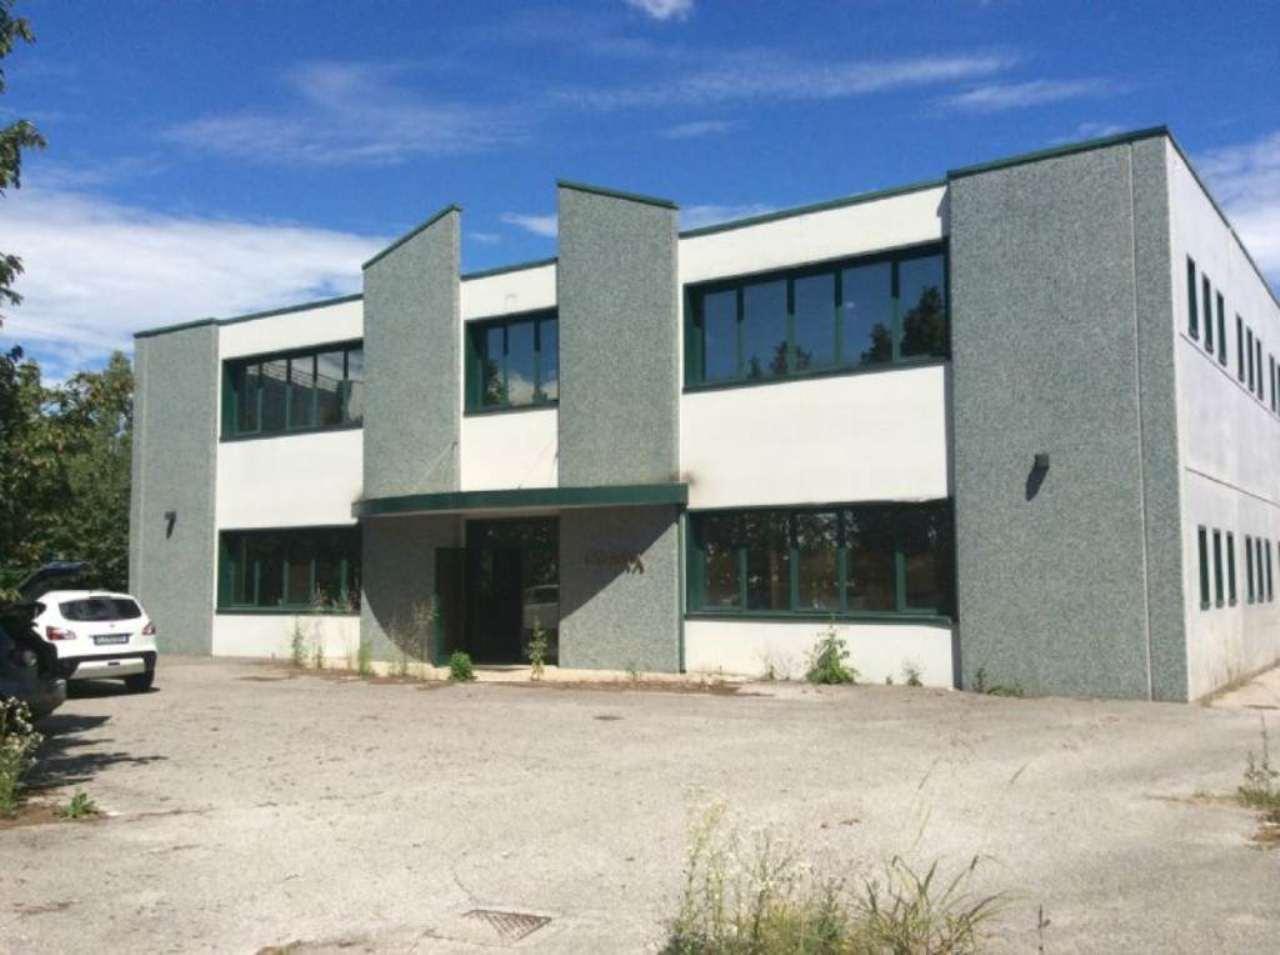 Capannone in vendita a Motta di Livenza, 6 locali, prezzo € 900.000 | Cambio Casa.it